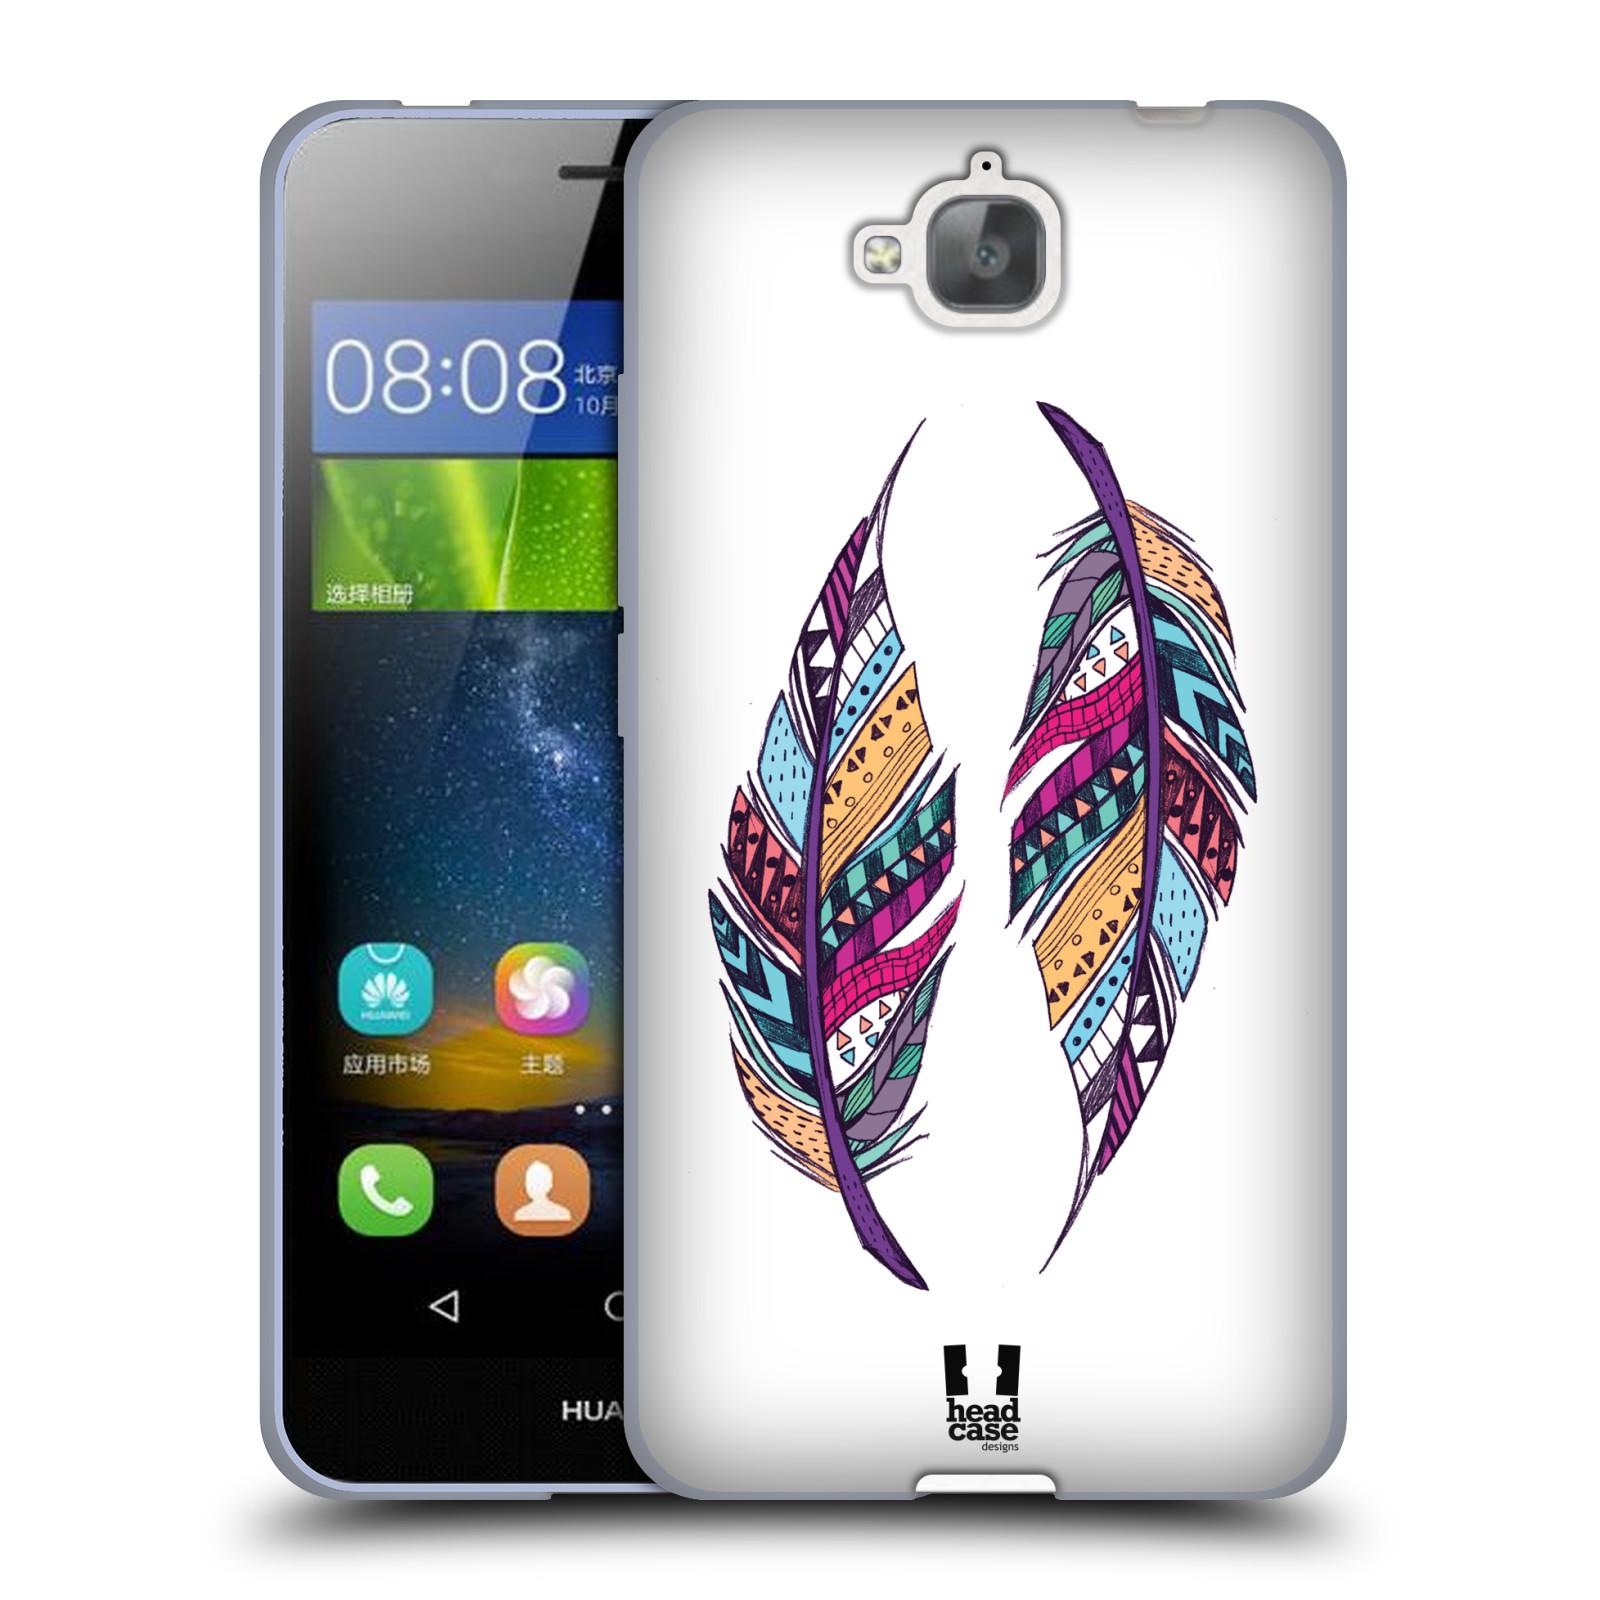 Silikonové pouzdro na mobil Huawei Y6 Pro Dual Sim HEAD CASE AZTEC PÍRKA